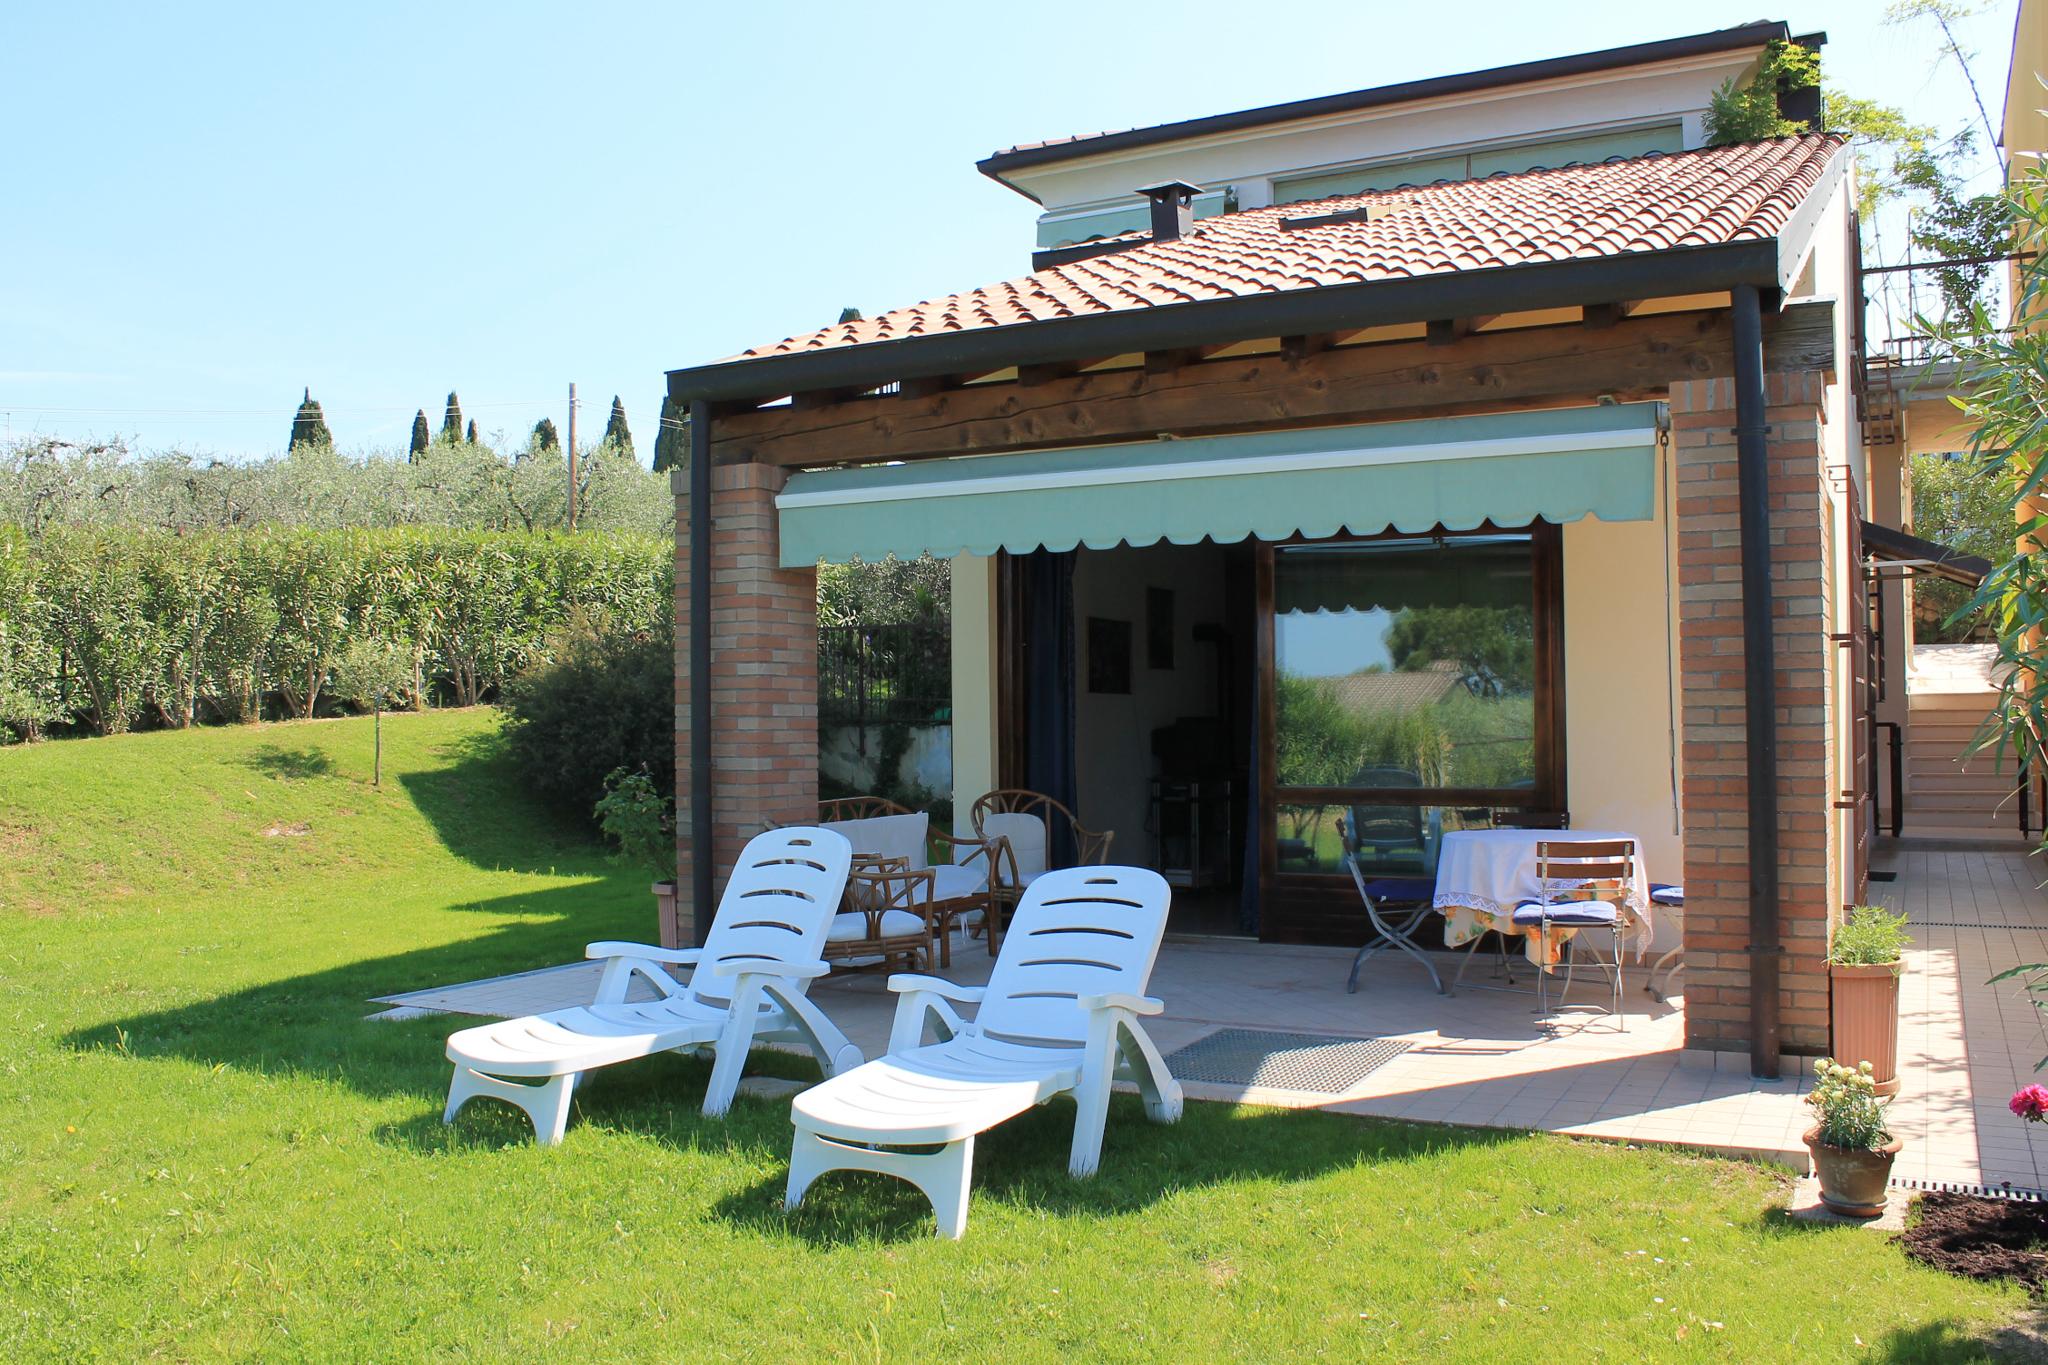 Ferienwohnung con terrazza (488452), Lazise, Gardasee, Venetien, Italien, Bild 1